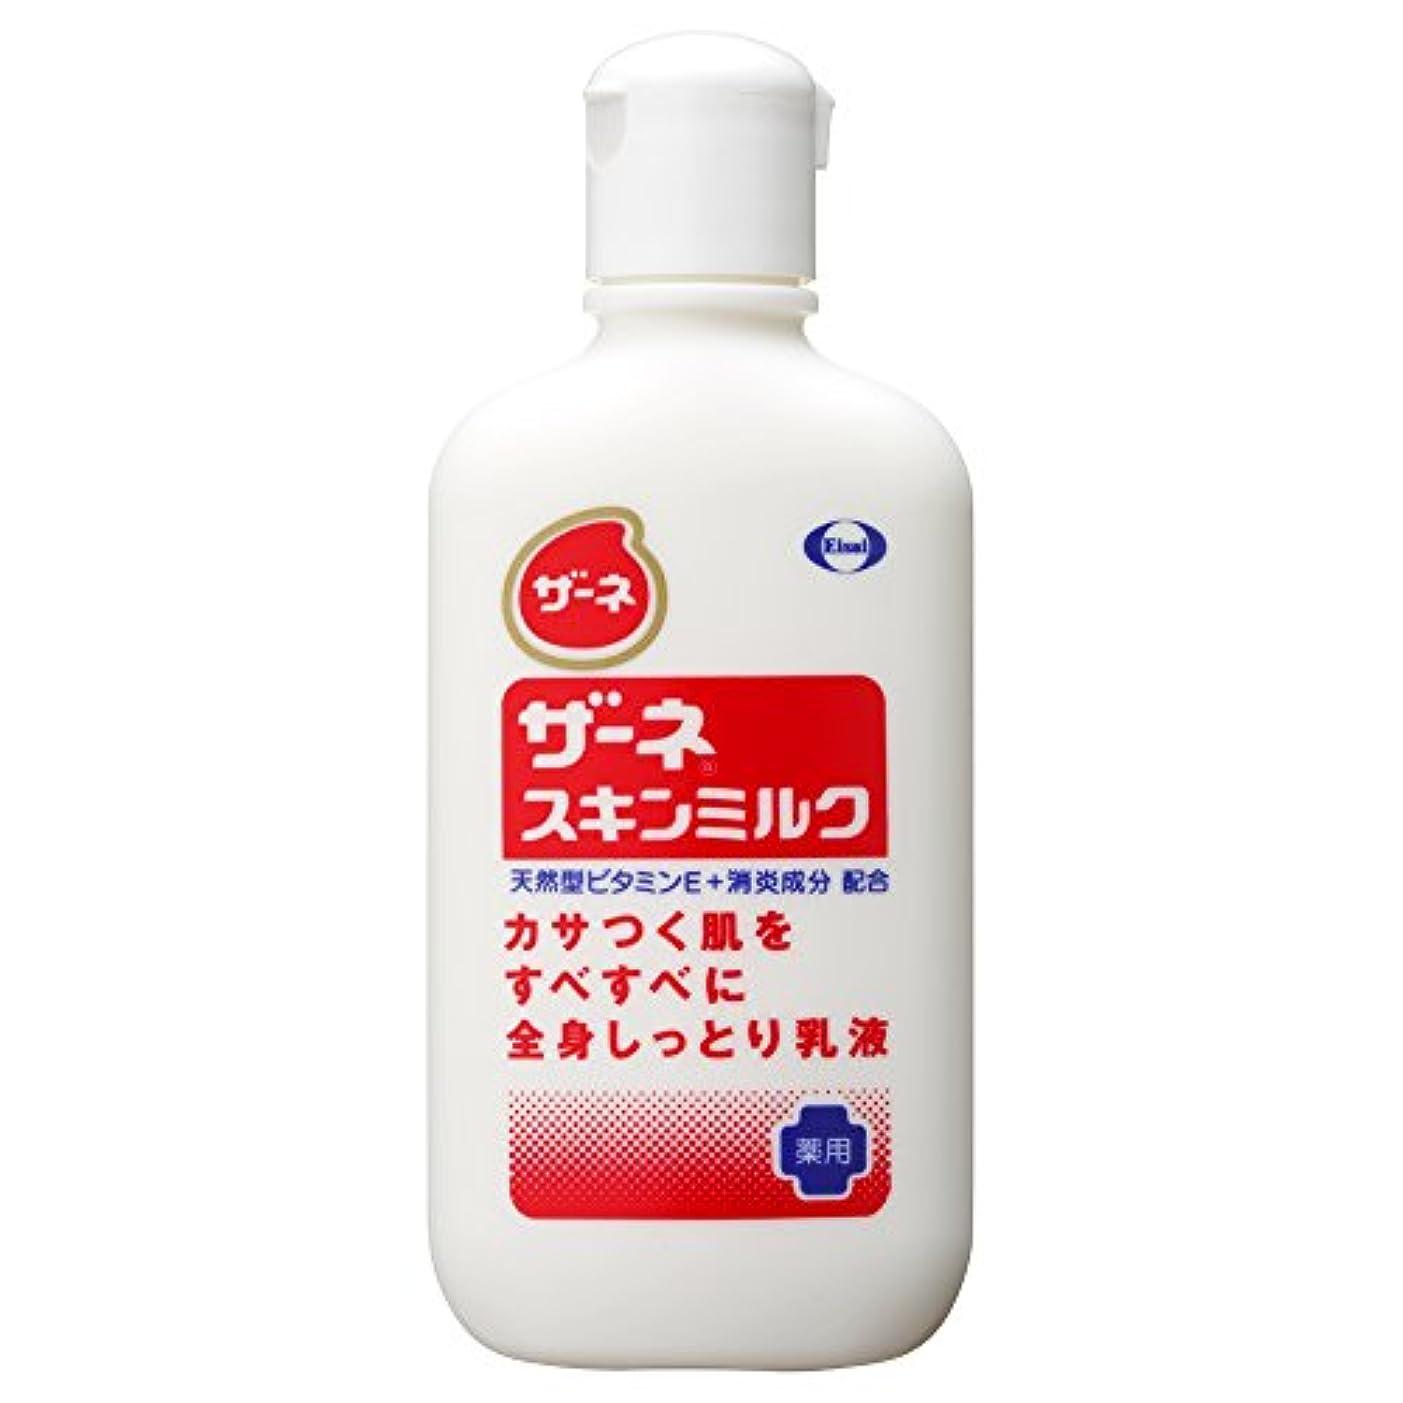 砂利用可能早くザーネ スキンミルク 140G